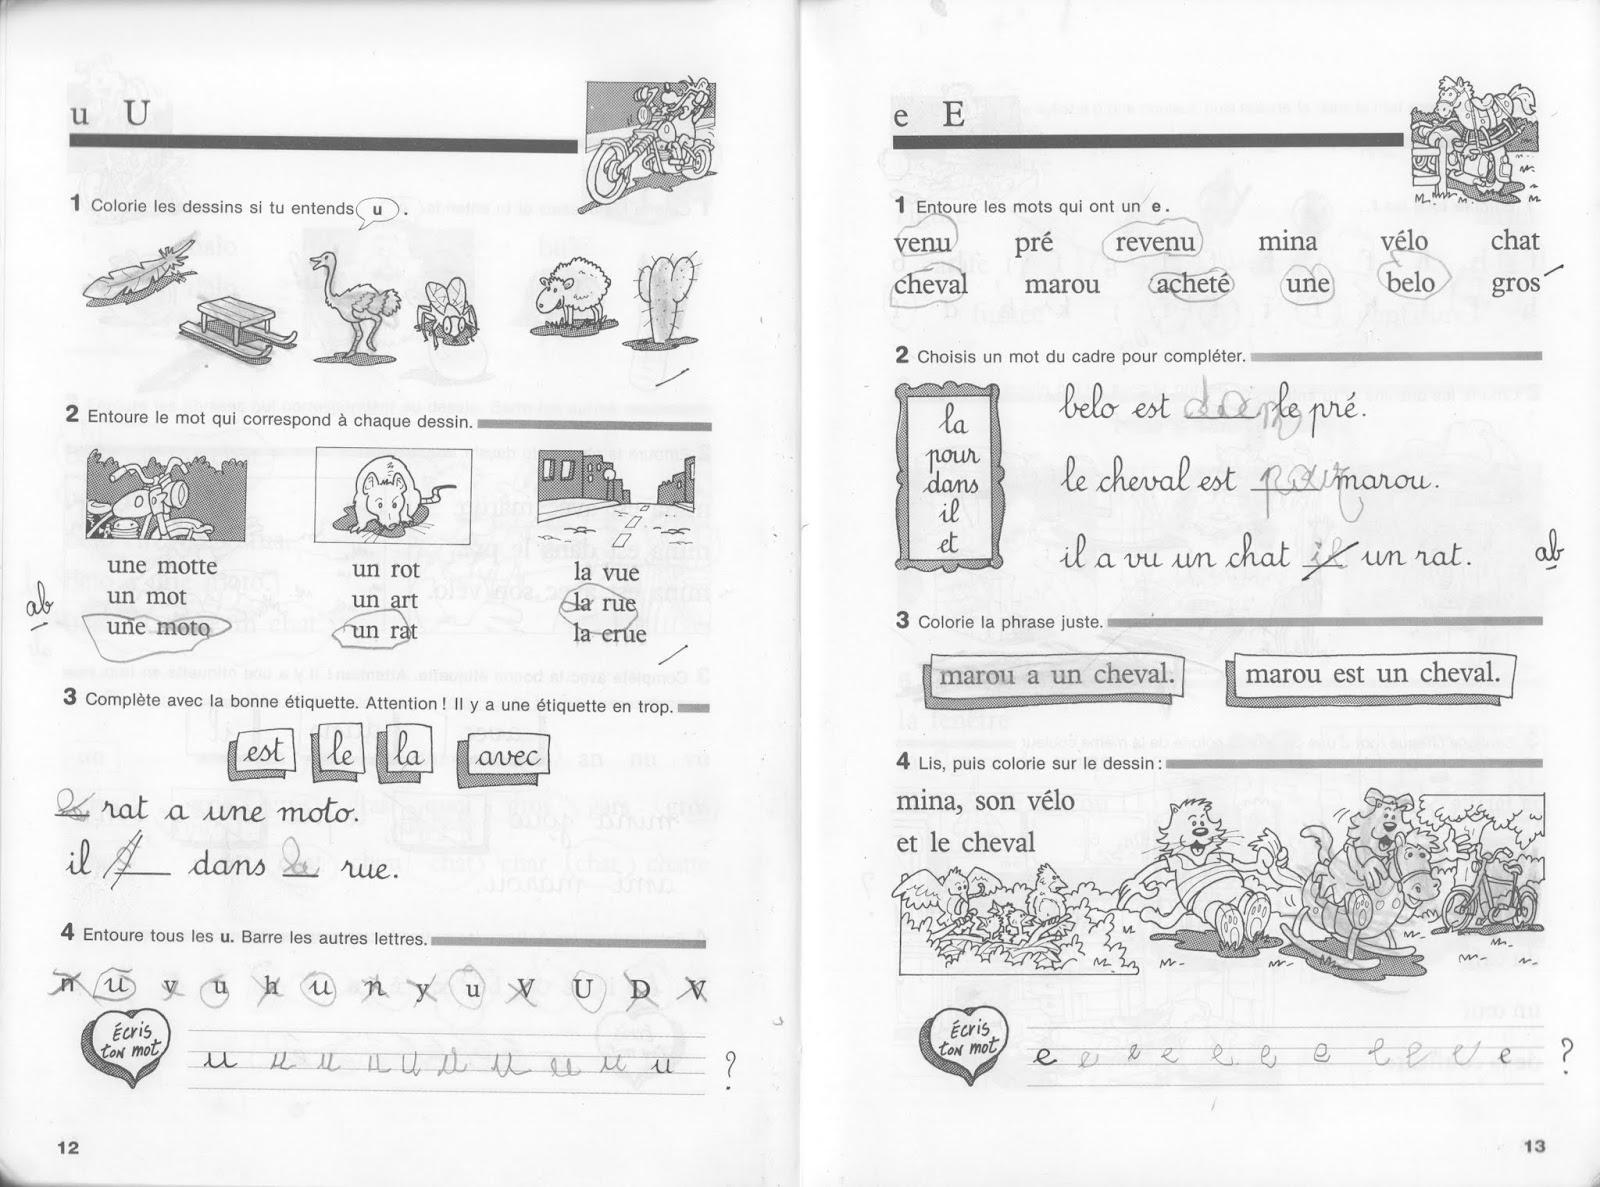 Populaire Manuels anciens: Guion, Ratus et ses amis CP, cahier de lecture (1994) AN86